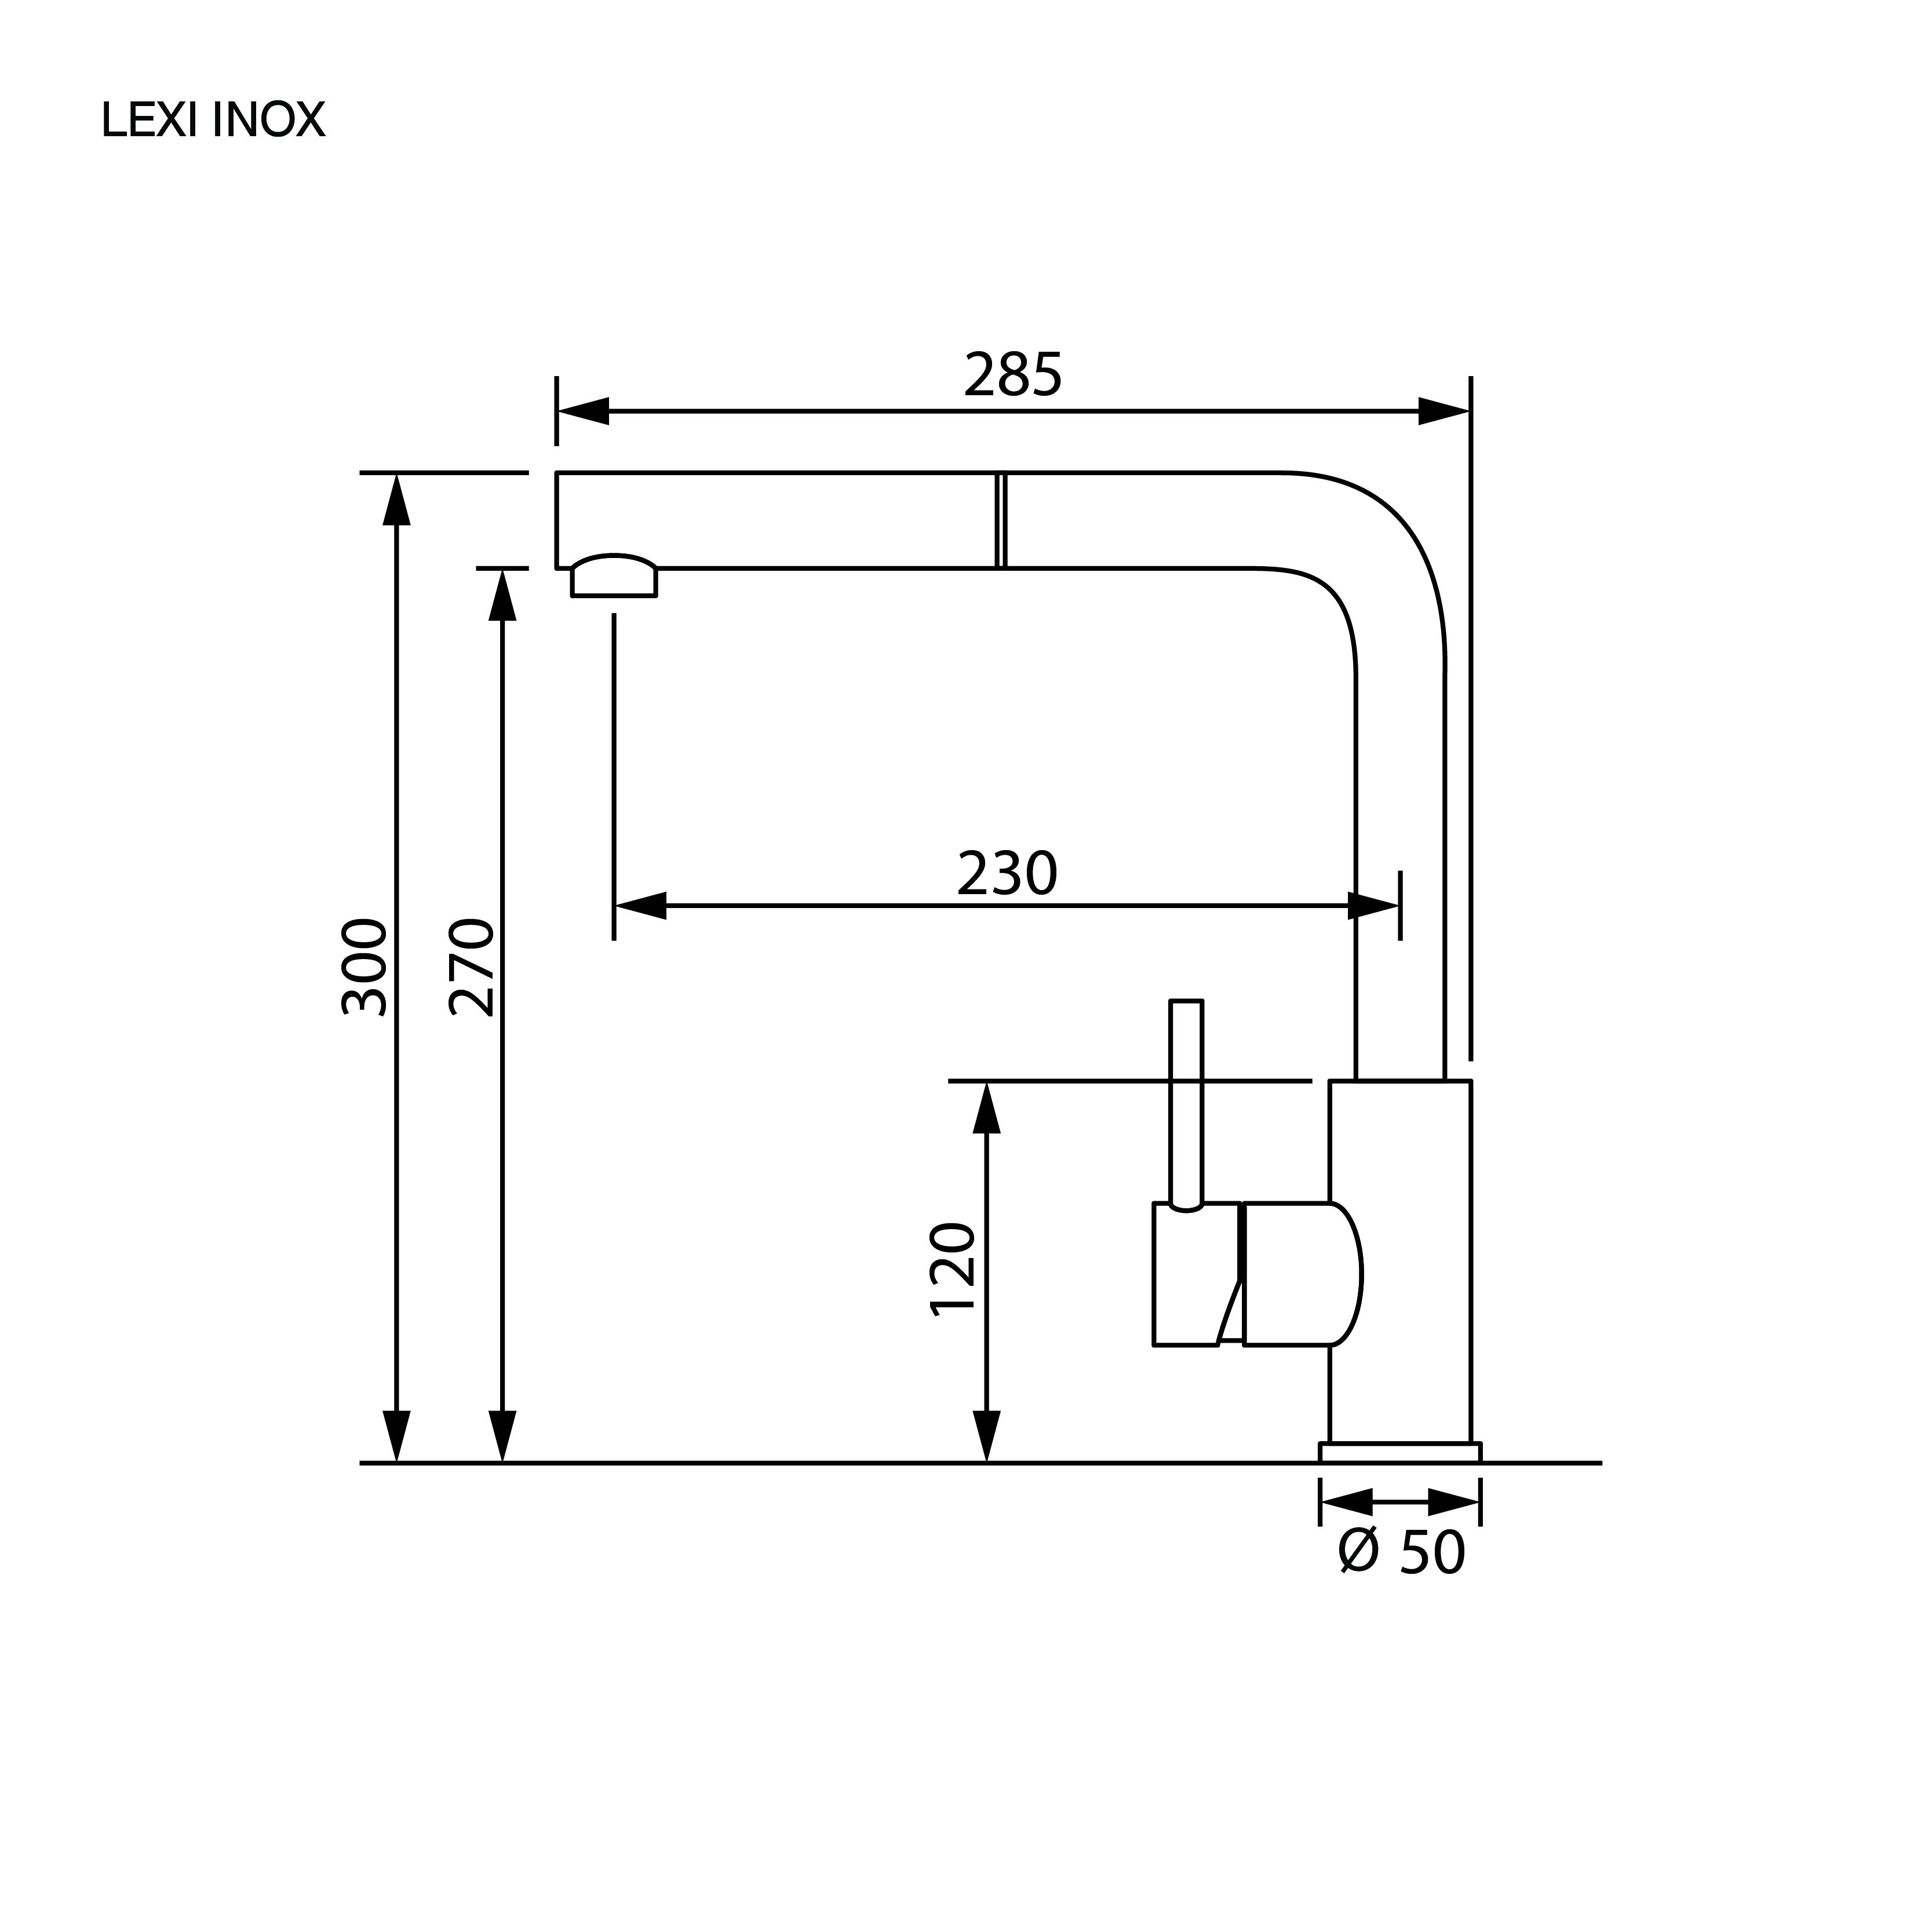 ก๊อกน้ำอ่างล้างจาน ก๊อกน้ำสแตนเลส ก๊อกน้ำ 2 ทาง LEXI INOX